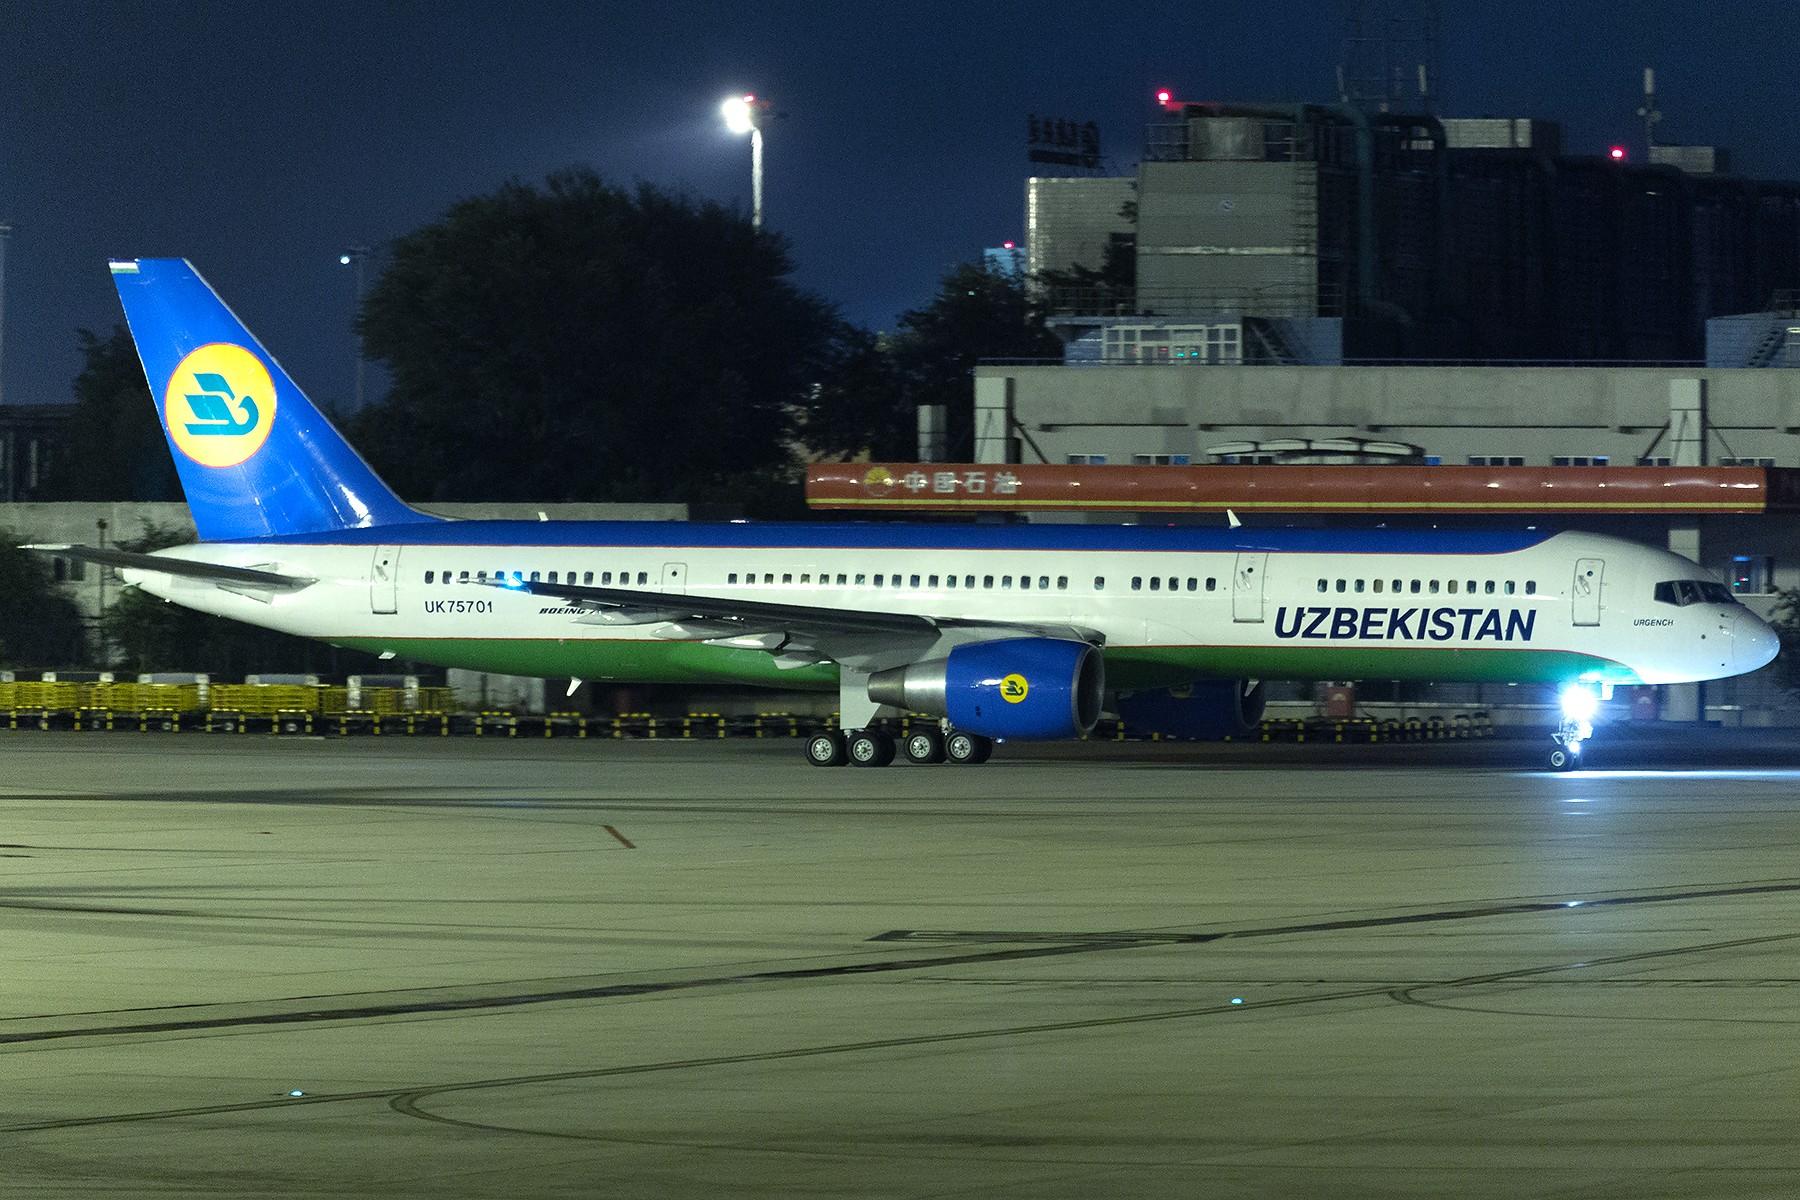 [原创]【1800*1200】夜拍:乌兹别克斯坦757-200 BOEING 757-200 UK-75701 中国北京首都国际机场